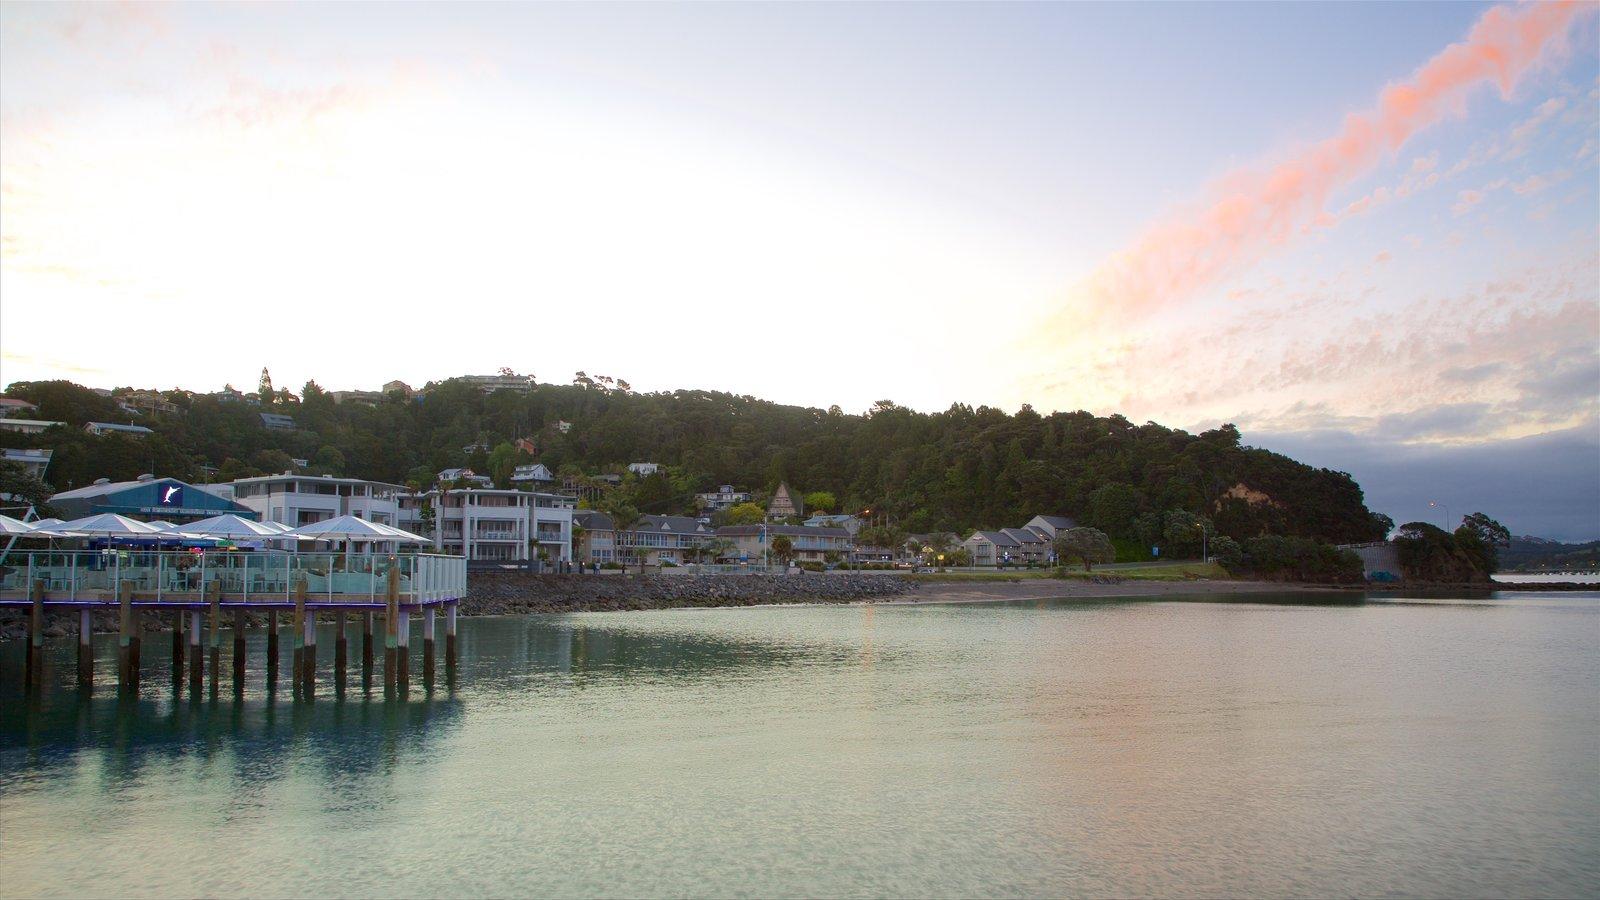 Muelle Paihia ofreciendo una ciudad costera, una bahía o puerto y una puesta de sol